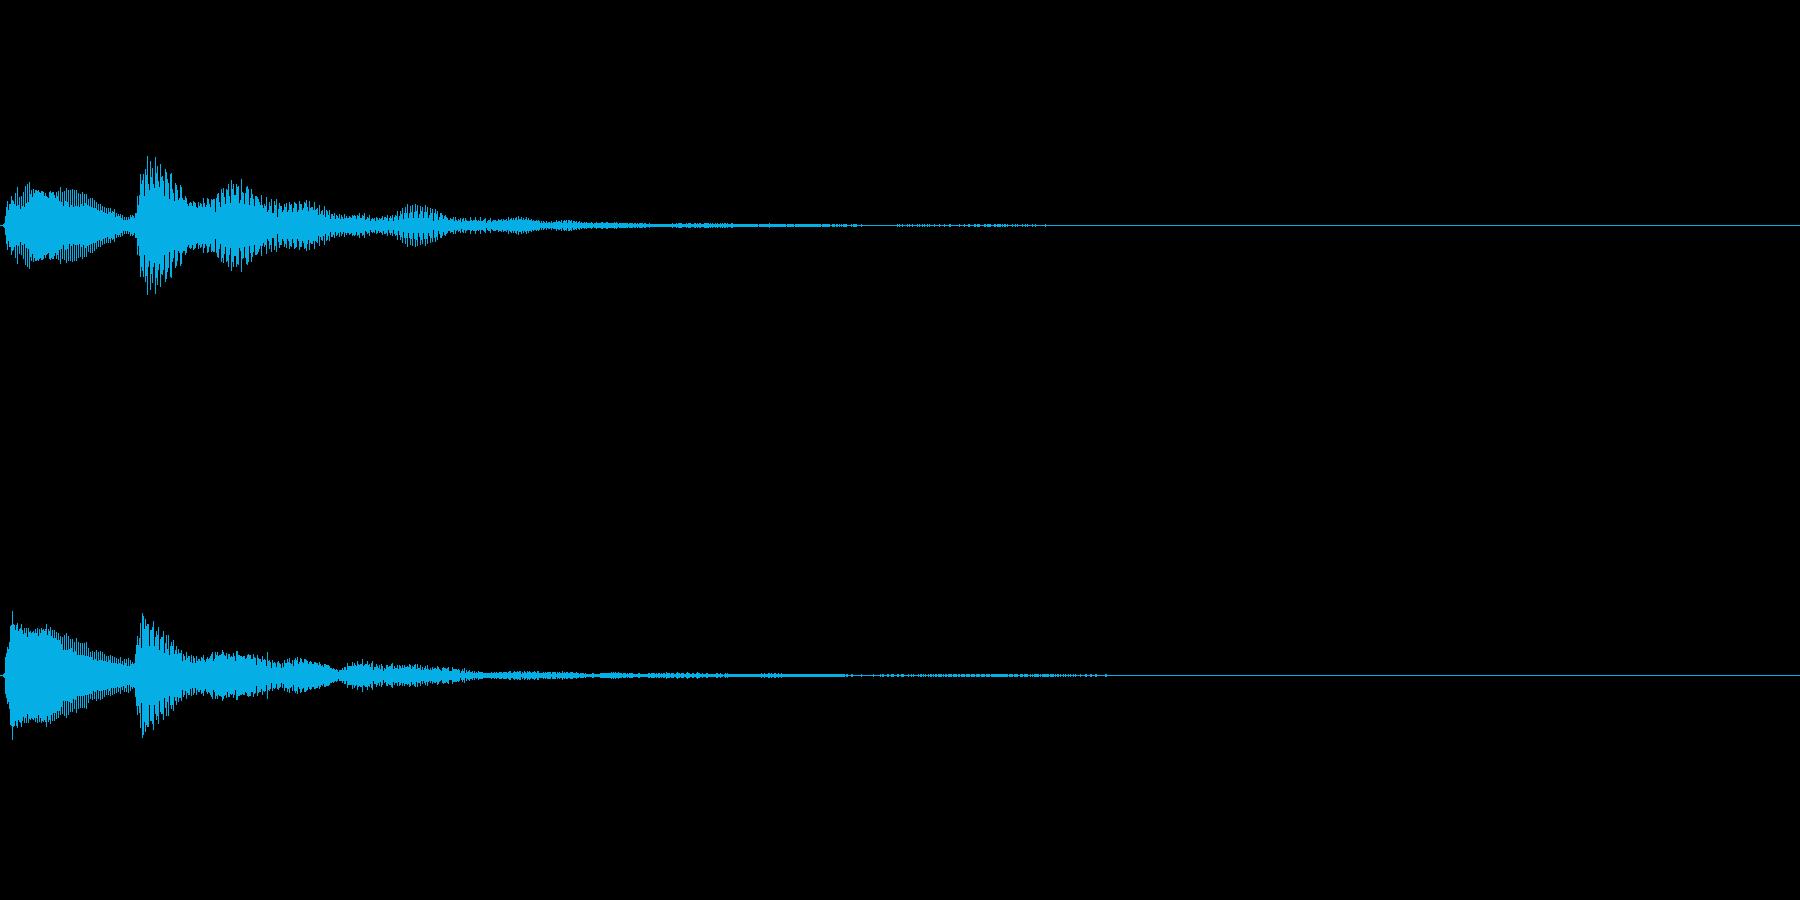 テッローン テロップ・決定音の再生済みの波形